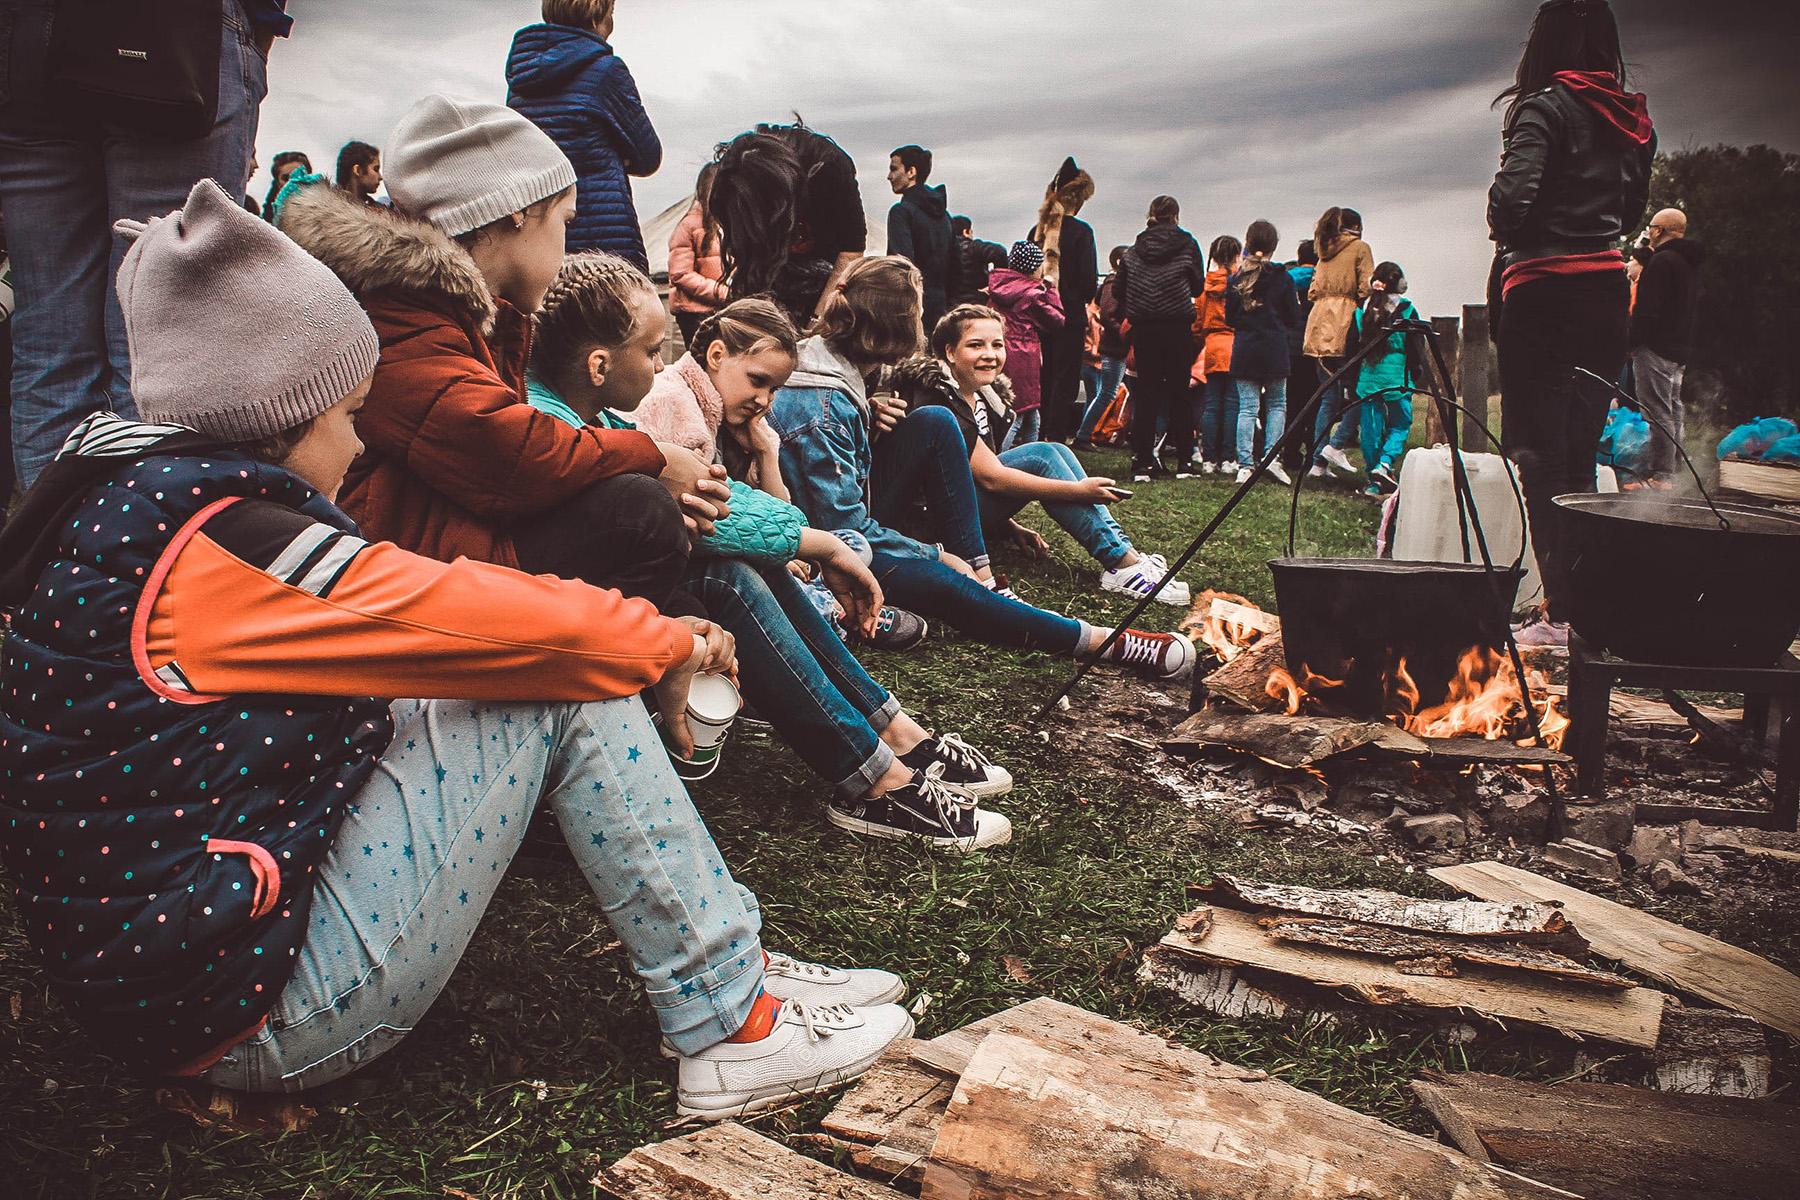 Children at a campfire